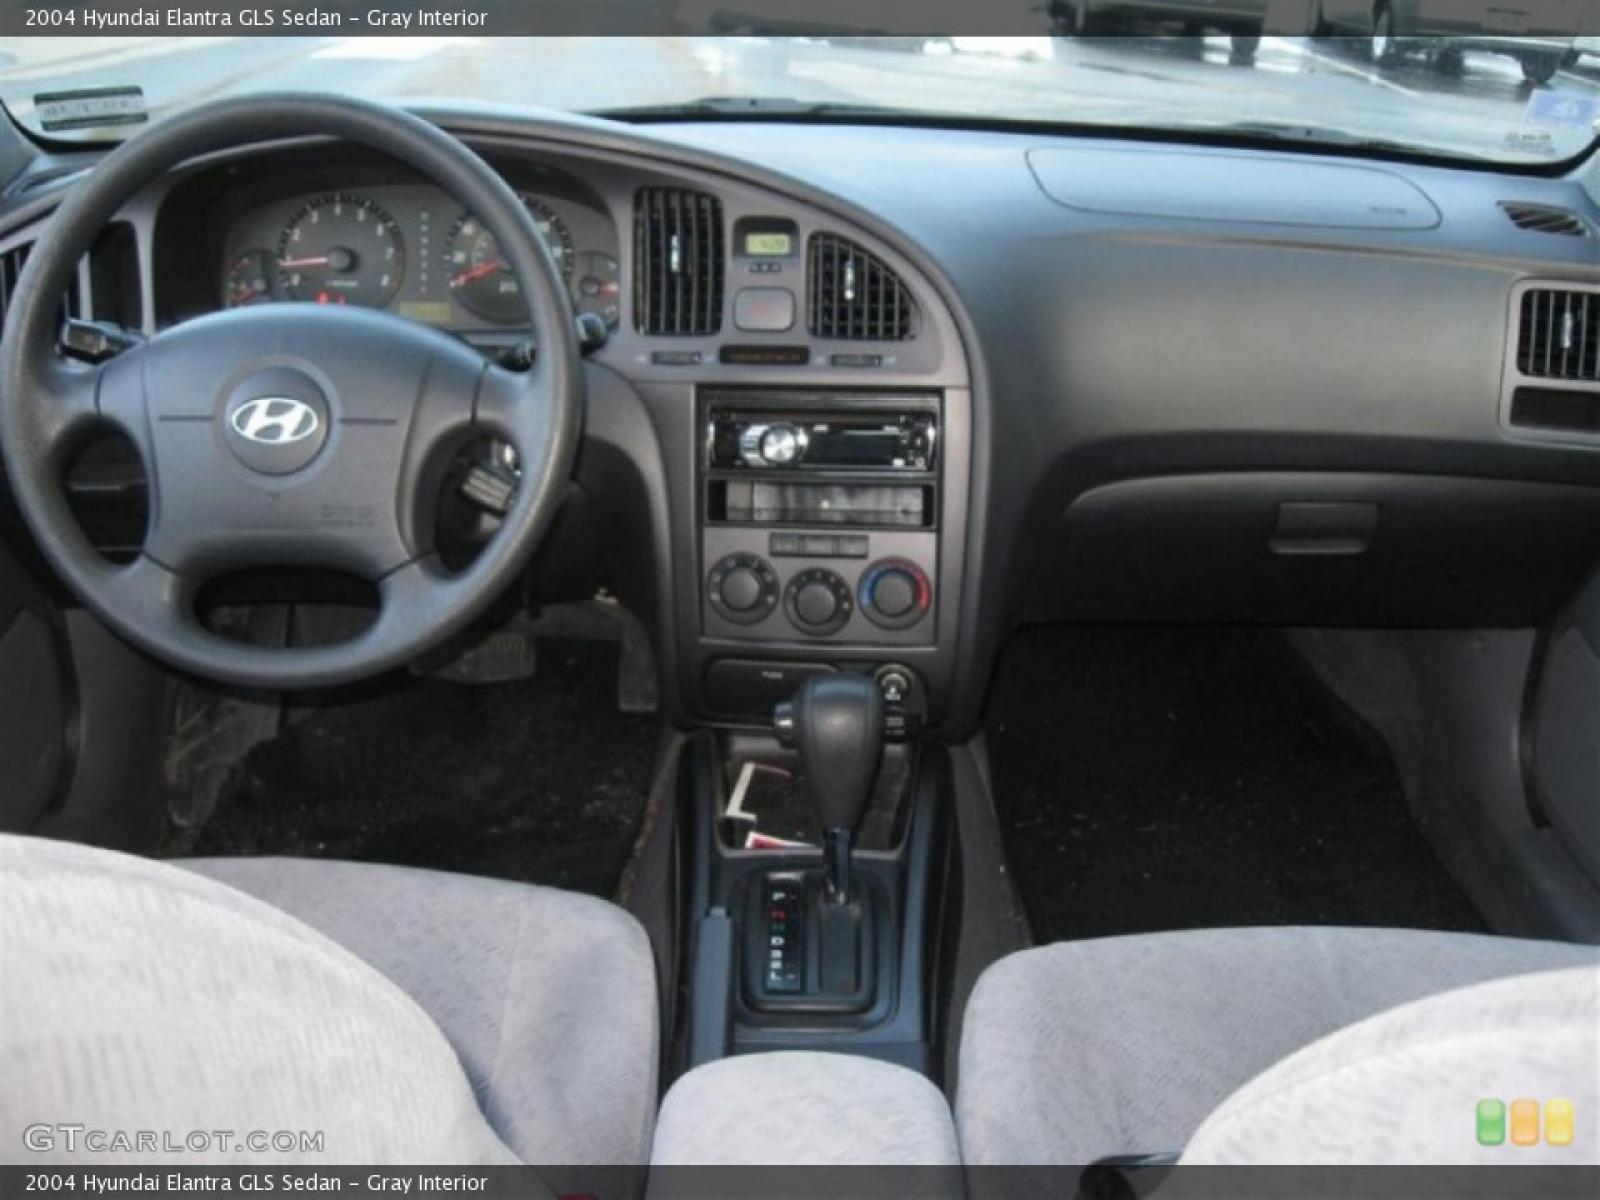 800 1024 1280 1600 Origin 2004 Hyundai Elantra ...